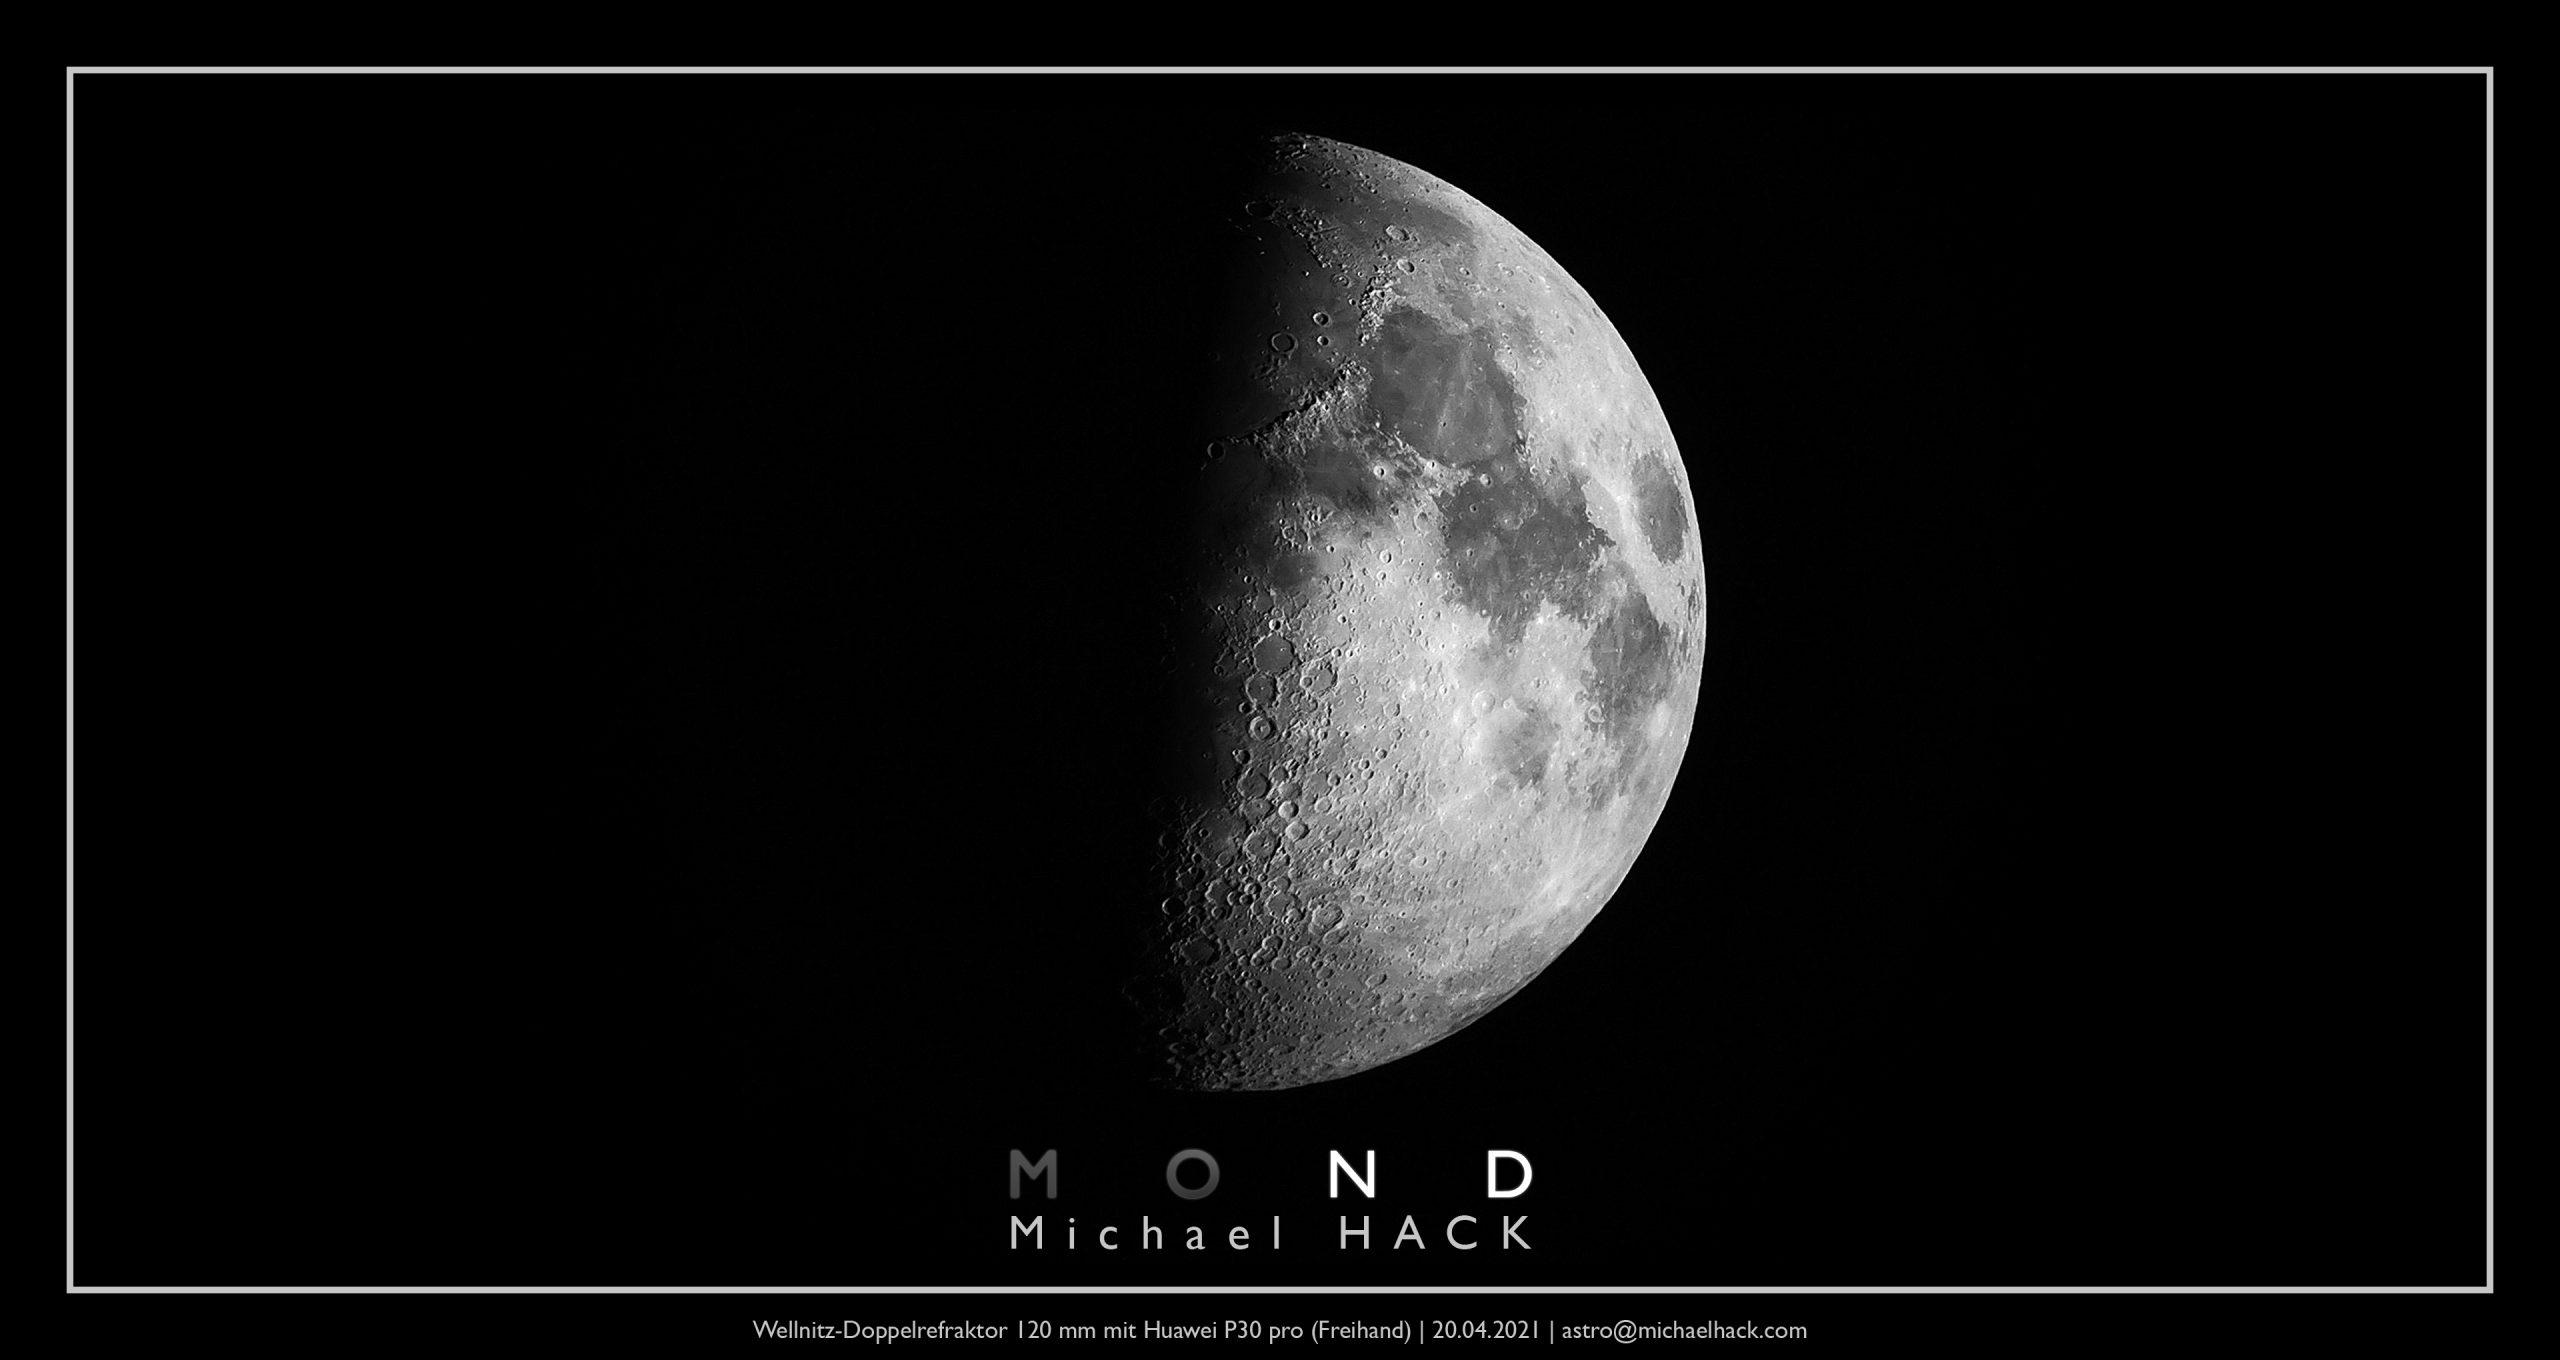 Der Mond (20.04.2021) von Michael Hack